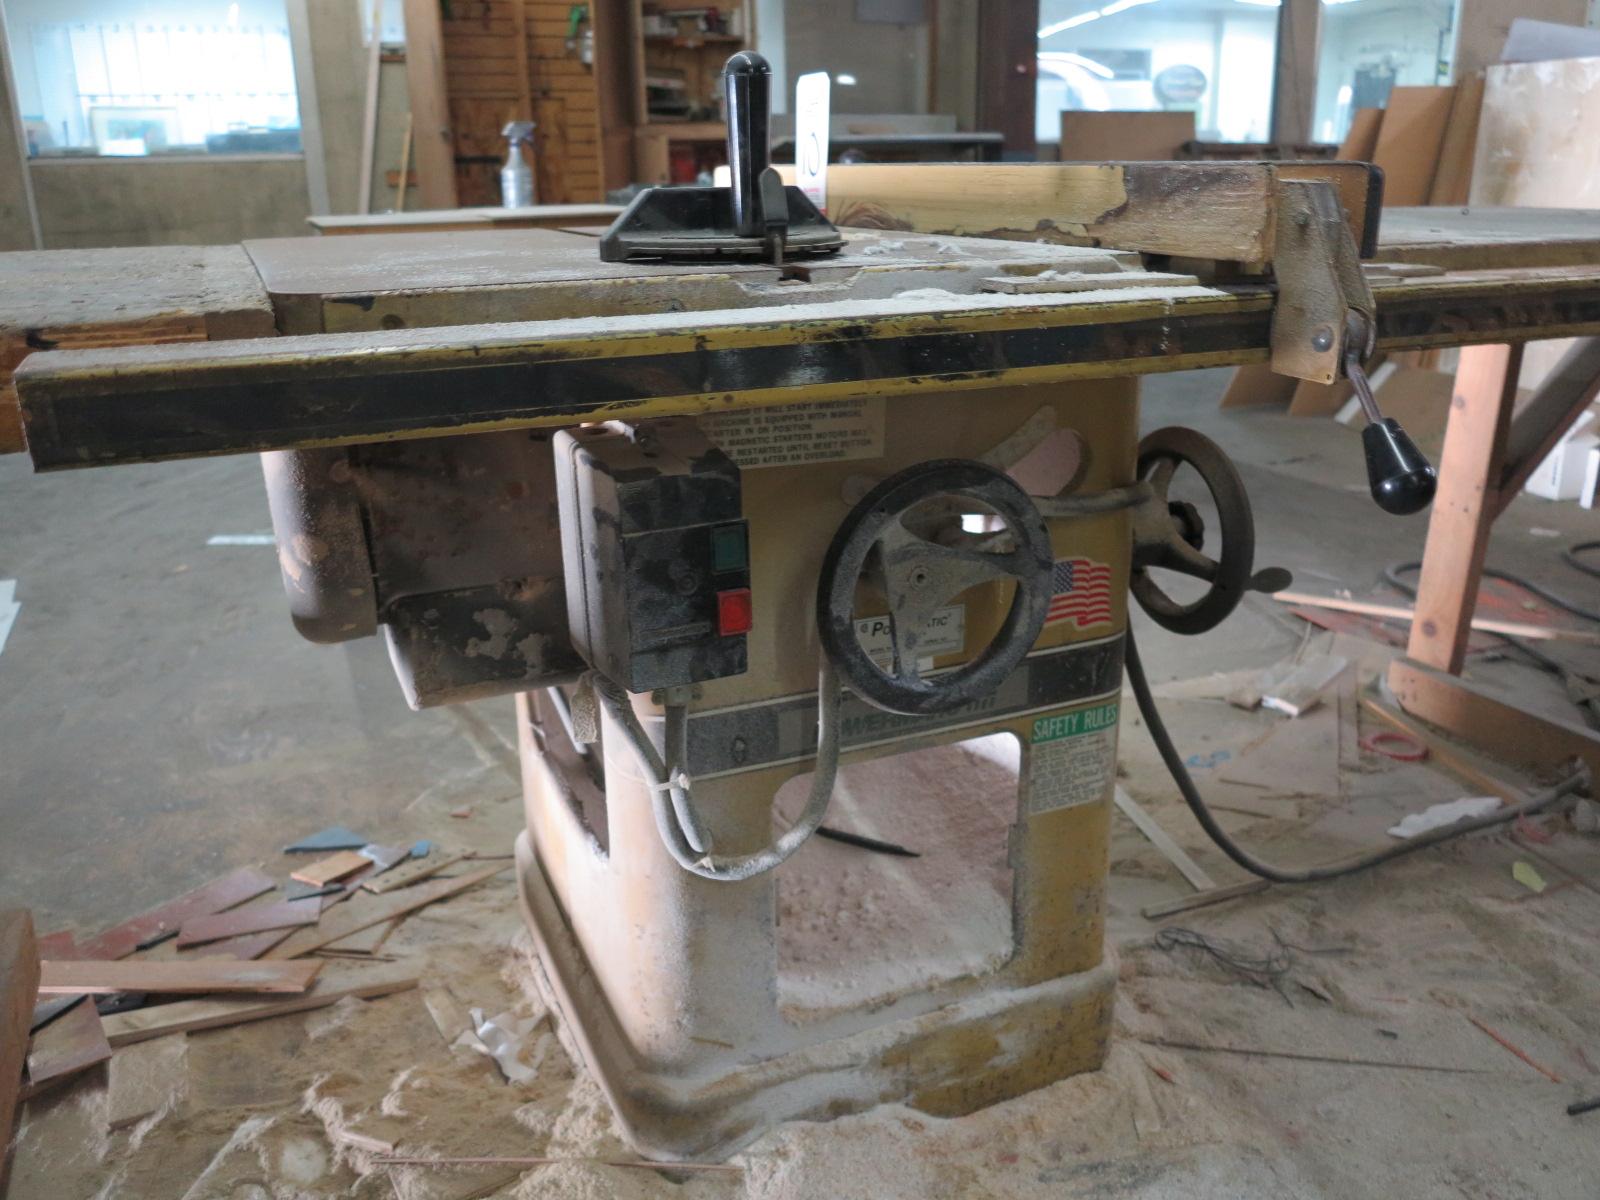 """POWERMATIC 10"""" TABLE SAW, MODEL 66, S/N 97662265, GOOD WORKING ORDER - Image 2 of 2"""